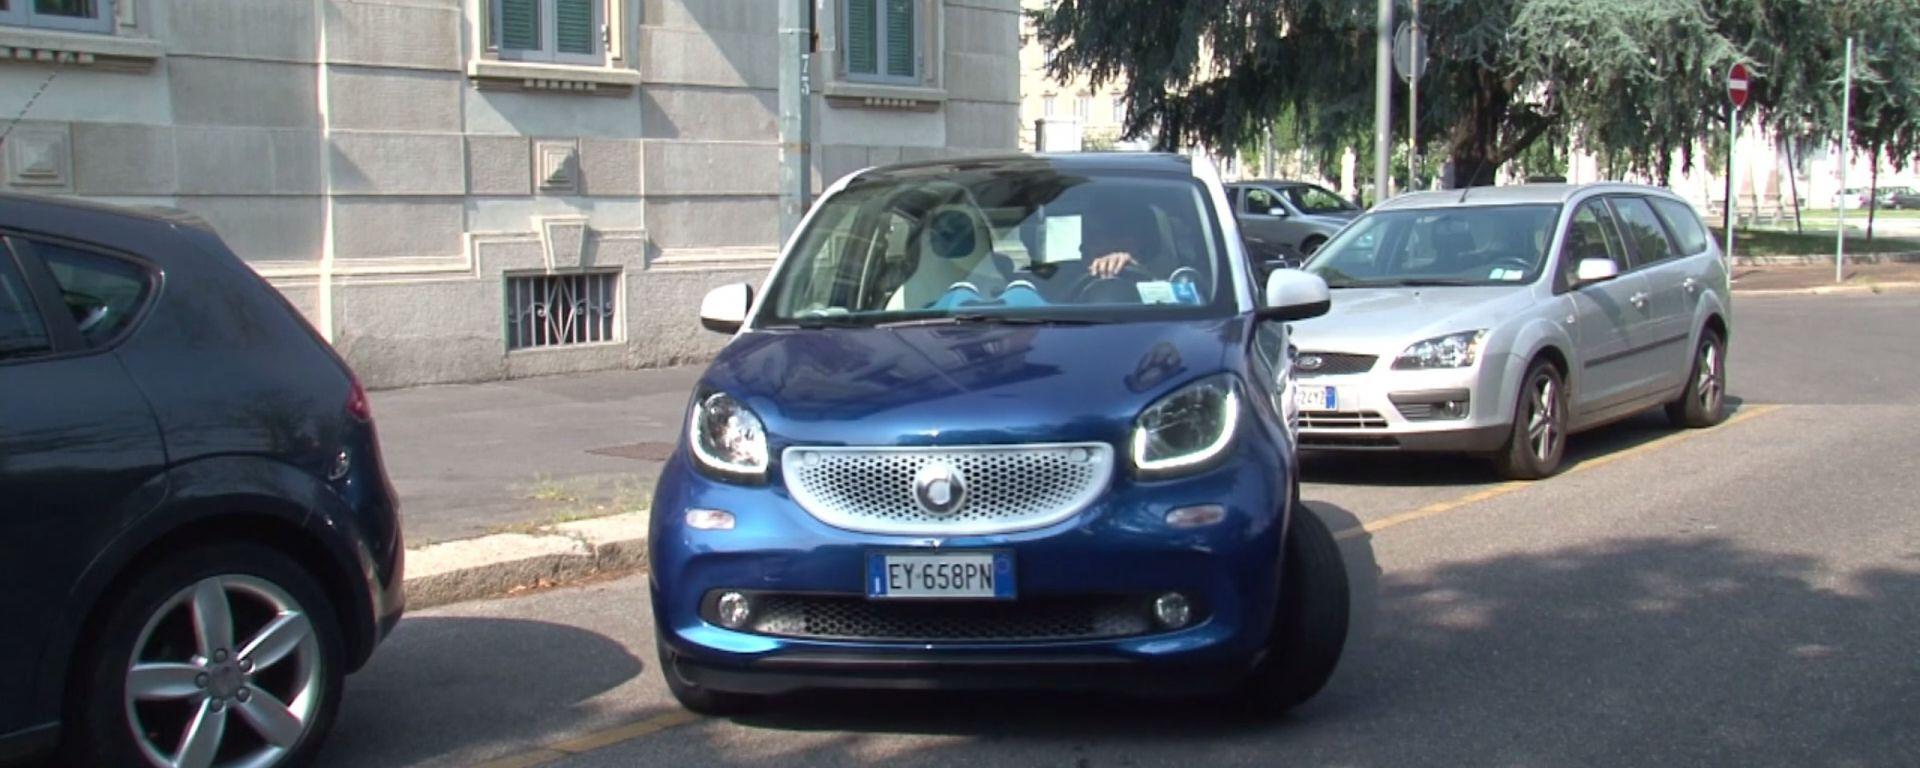 Citroën C1 vs Fiat Panda vs Smart forfour: facilità di parcheggio